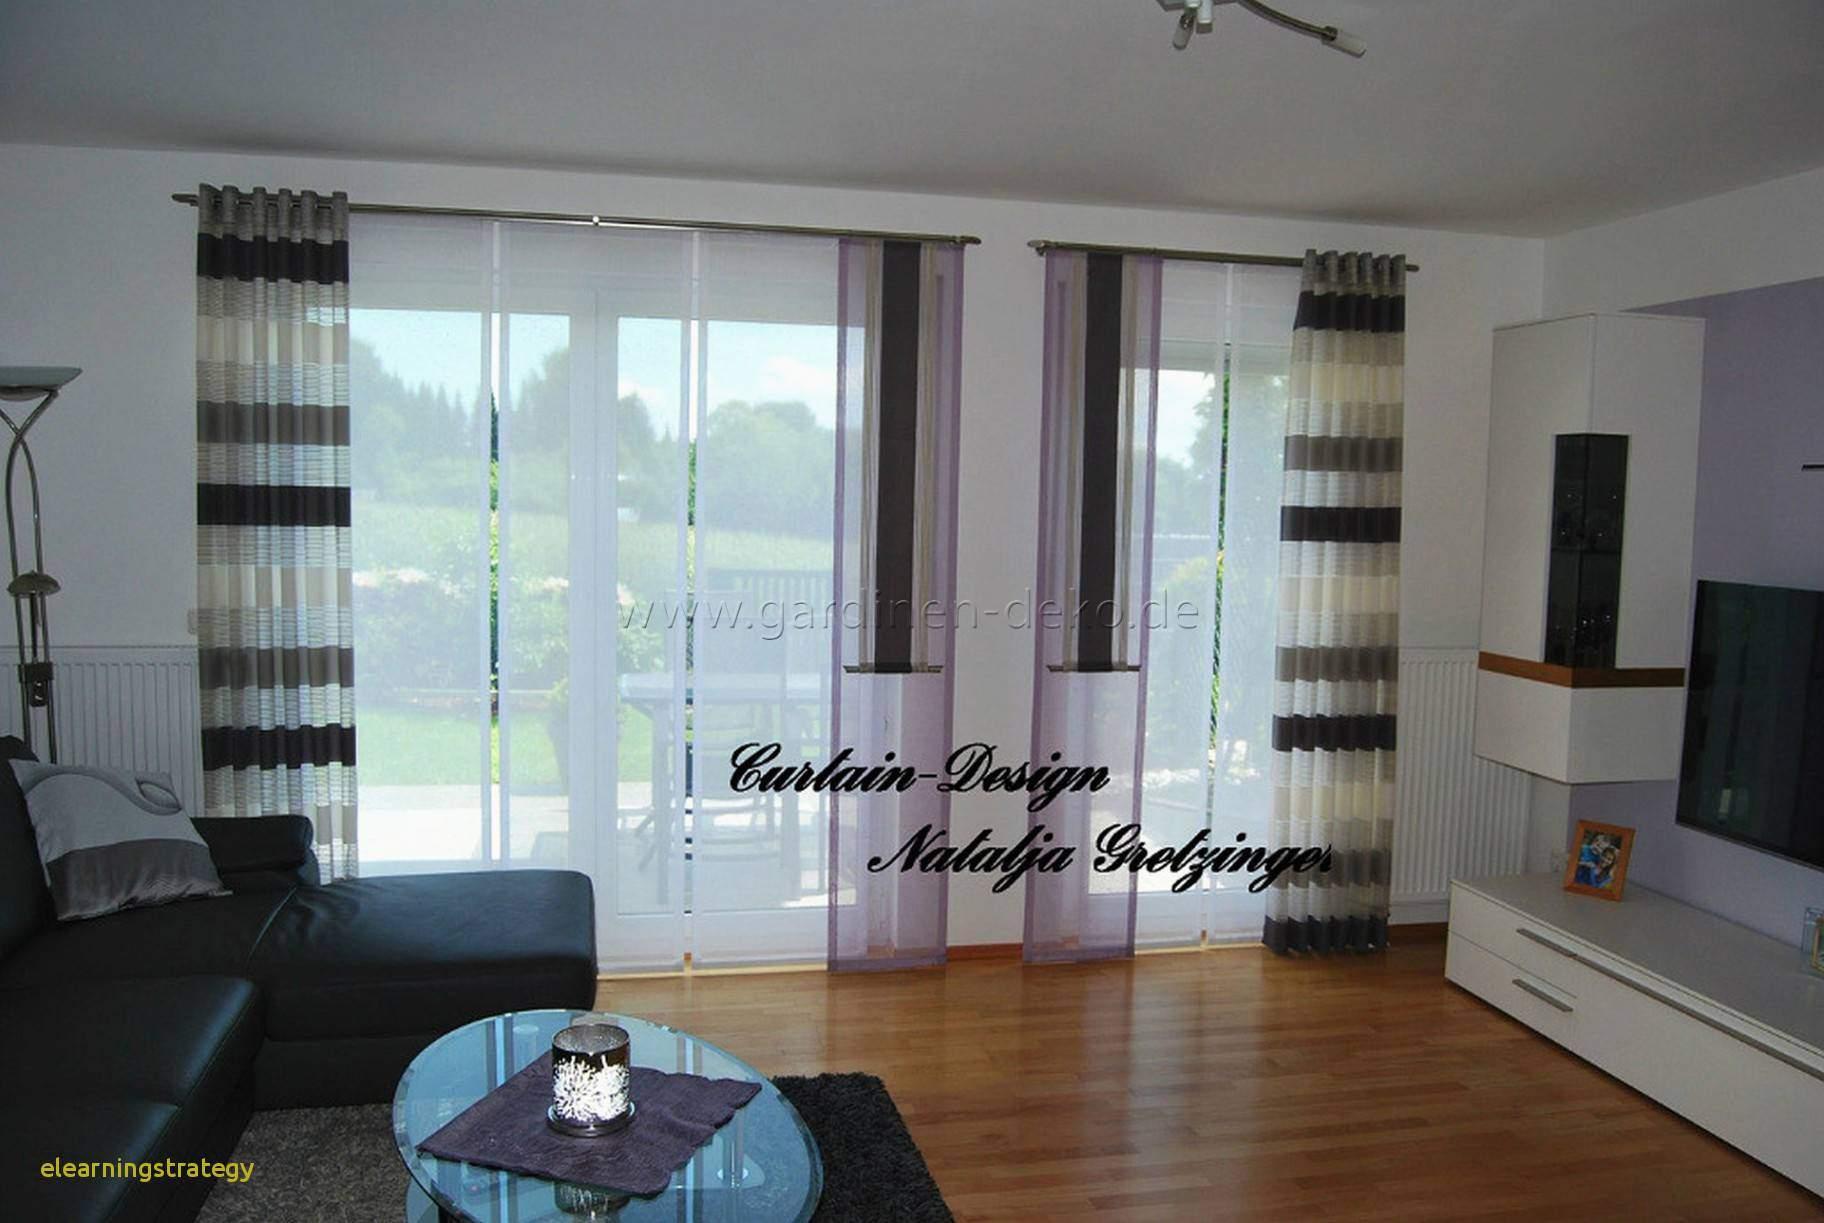 Full Size of Wohnzimmer Vorhänge Modern Genial Fresh Design Vorhänge Wohnzimmer Ideas Wohnzimmer Wohnzimmer Vorhänge